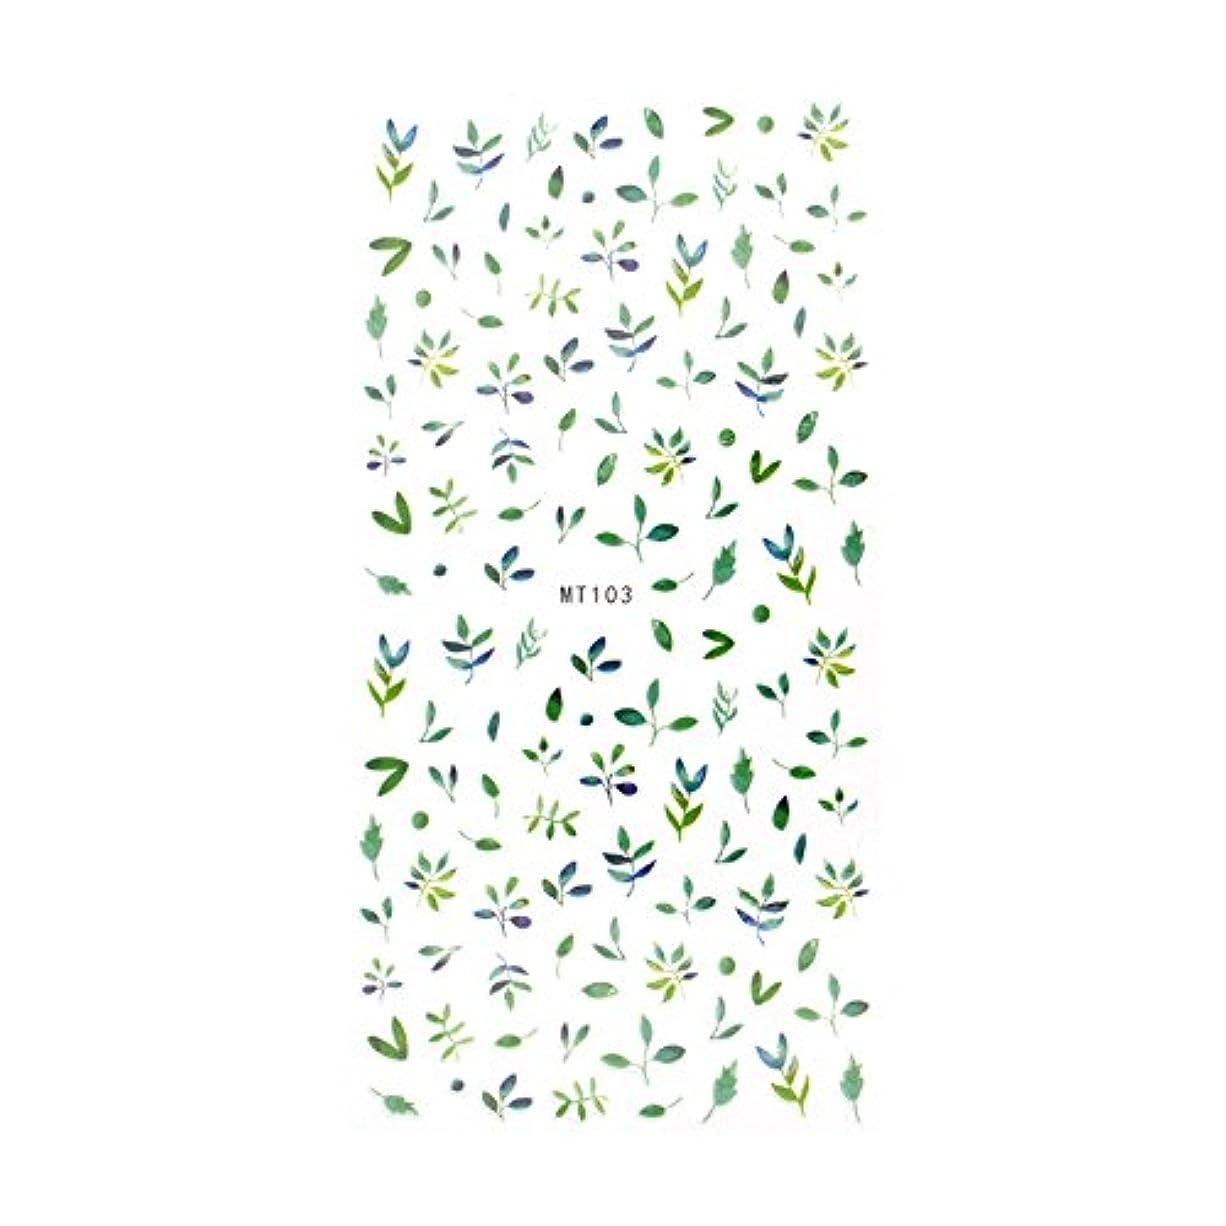 慢なアンティーク居間【MT103】グリーンリーフネイルシール リーフ 葉 ジェルネイル シール 緑 植物 ボタニカル